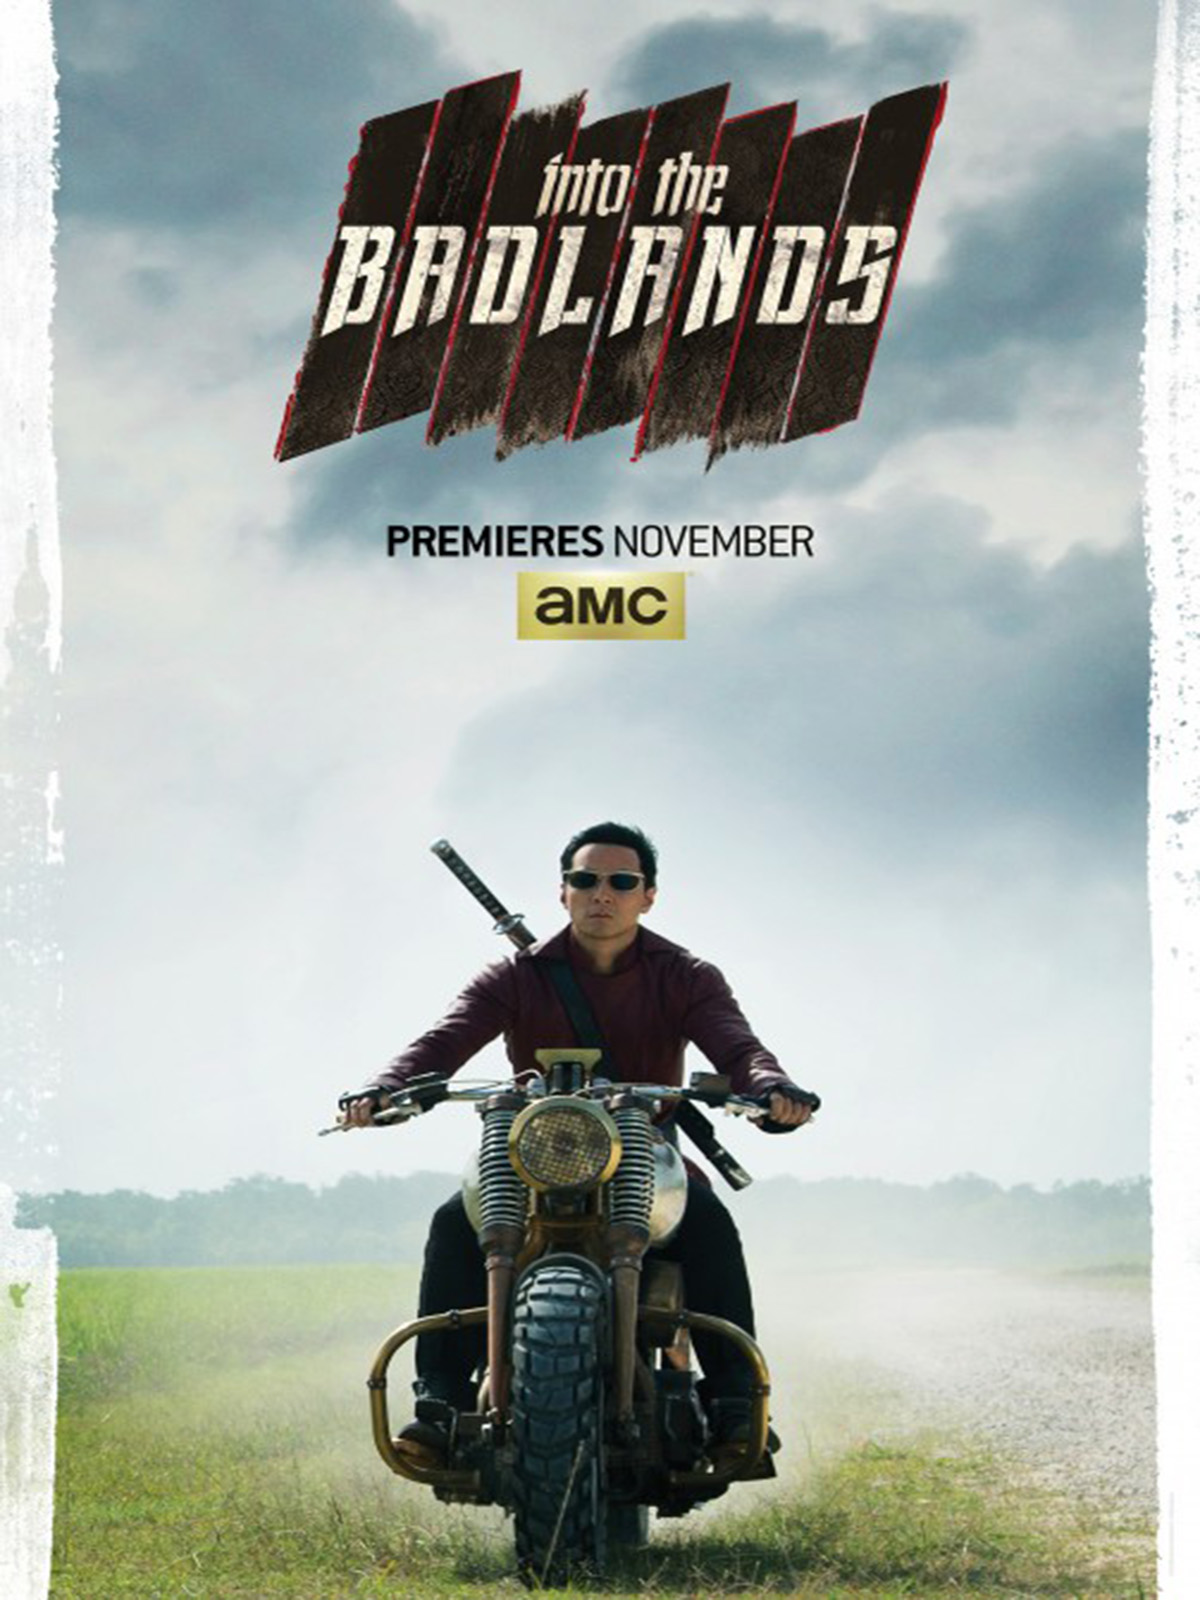 Into the Badlands - Saison 2 [01/??] VOSTFR | Qualité HDTV